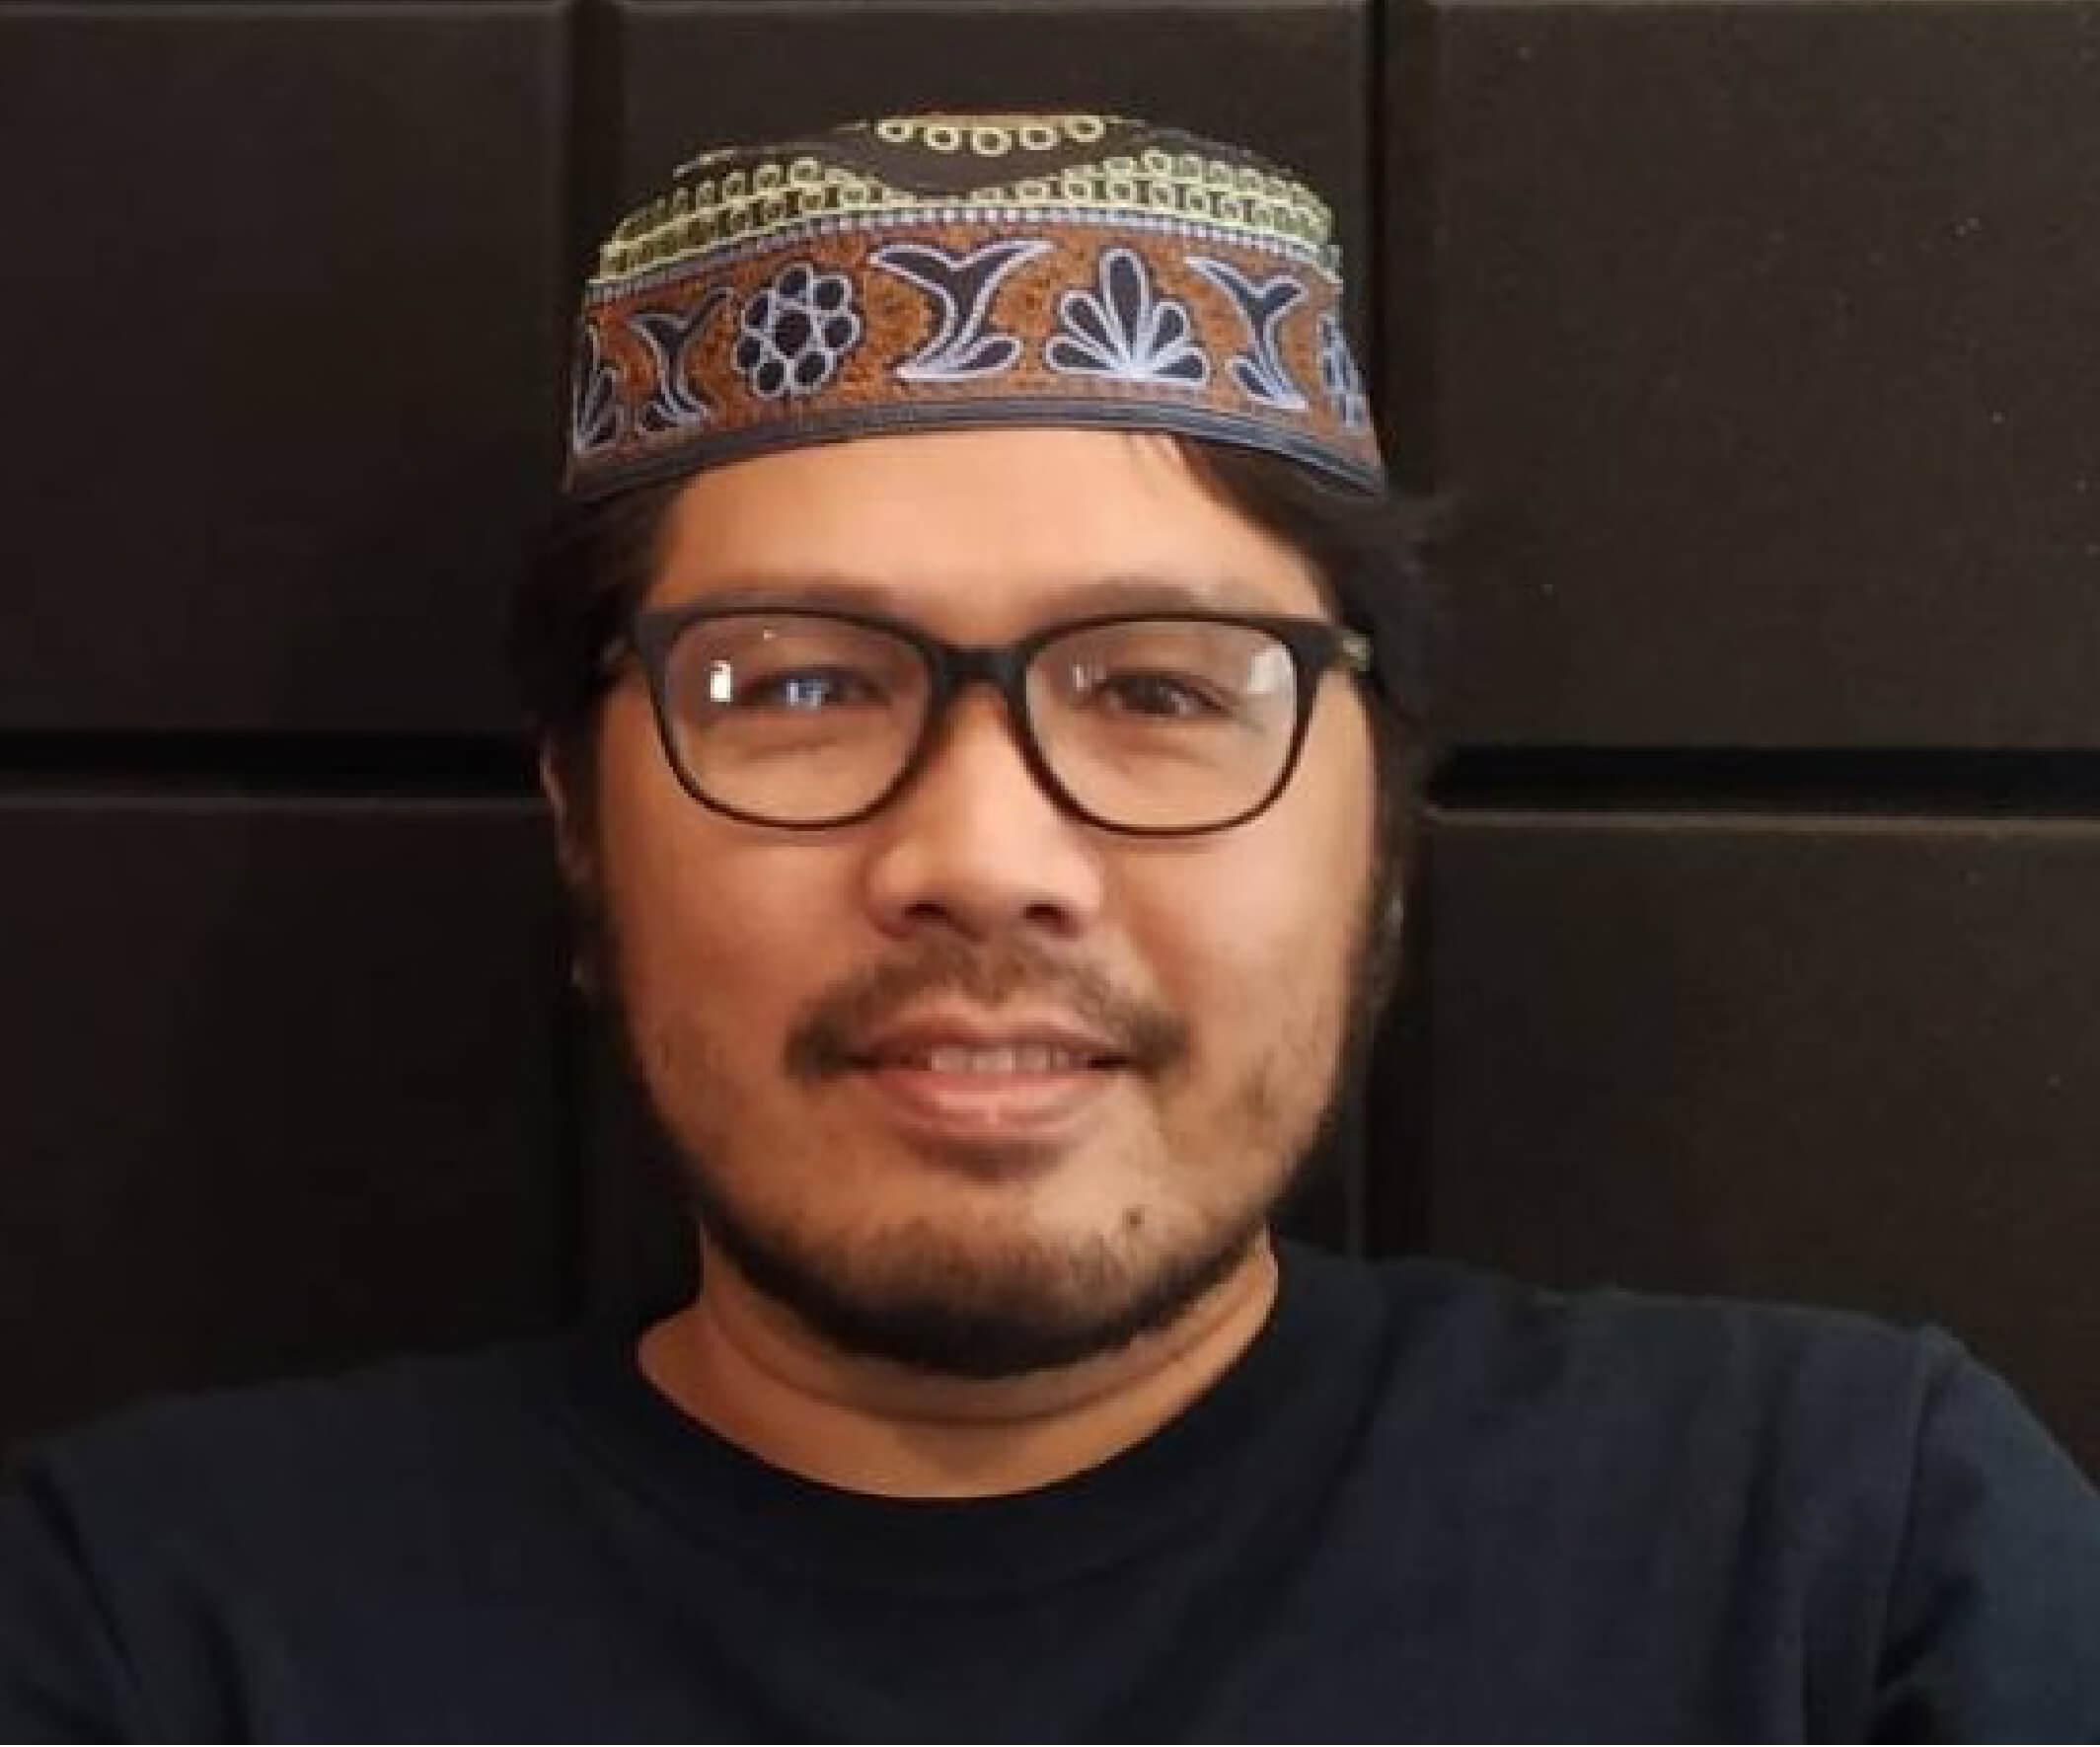 Prapop Chomthavorn